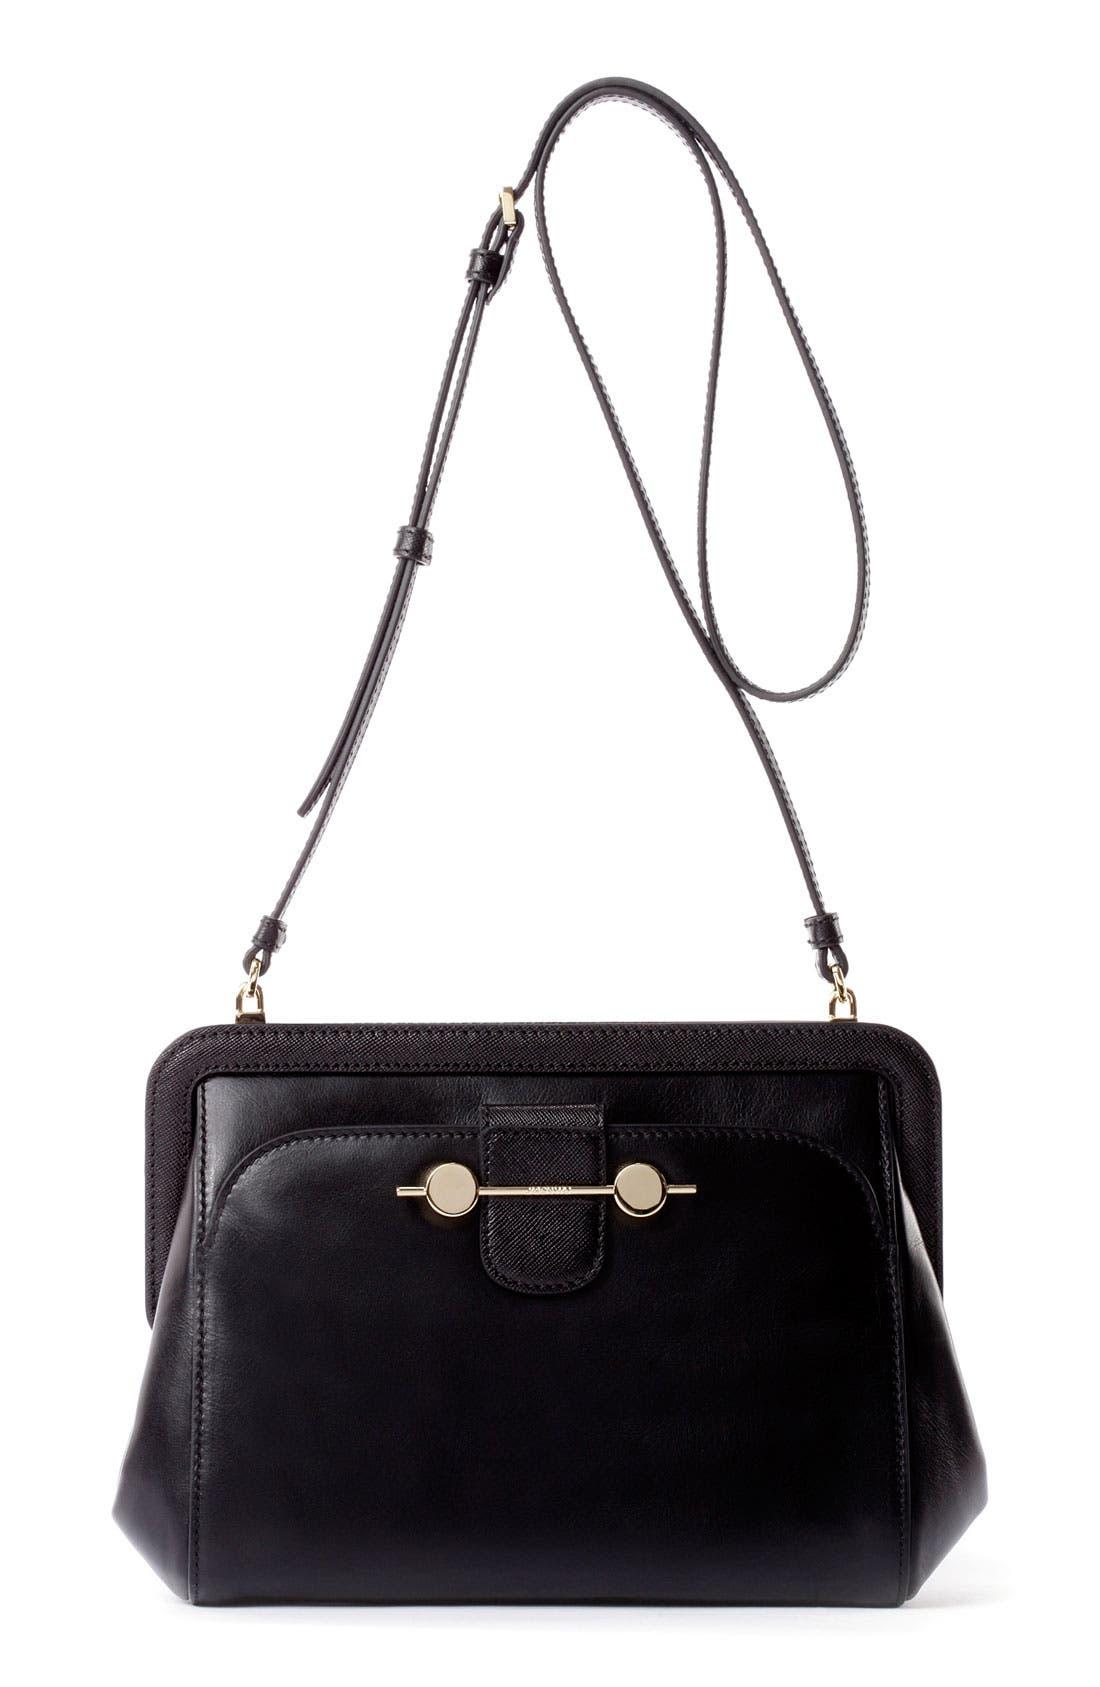 Alternate Image 1 Selected - Jason Wu 'Daphne' Leather Crossbody Bag